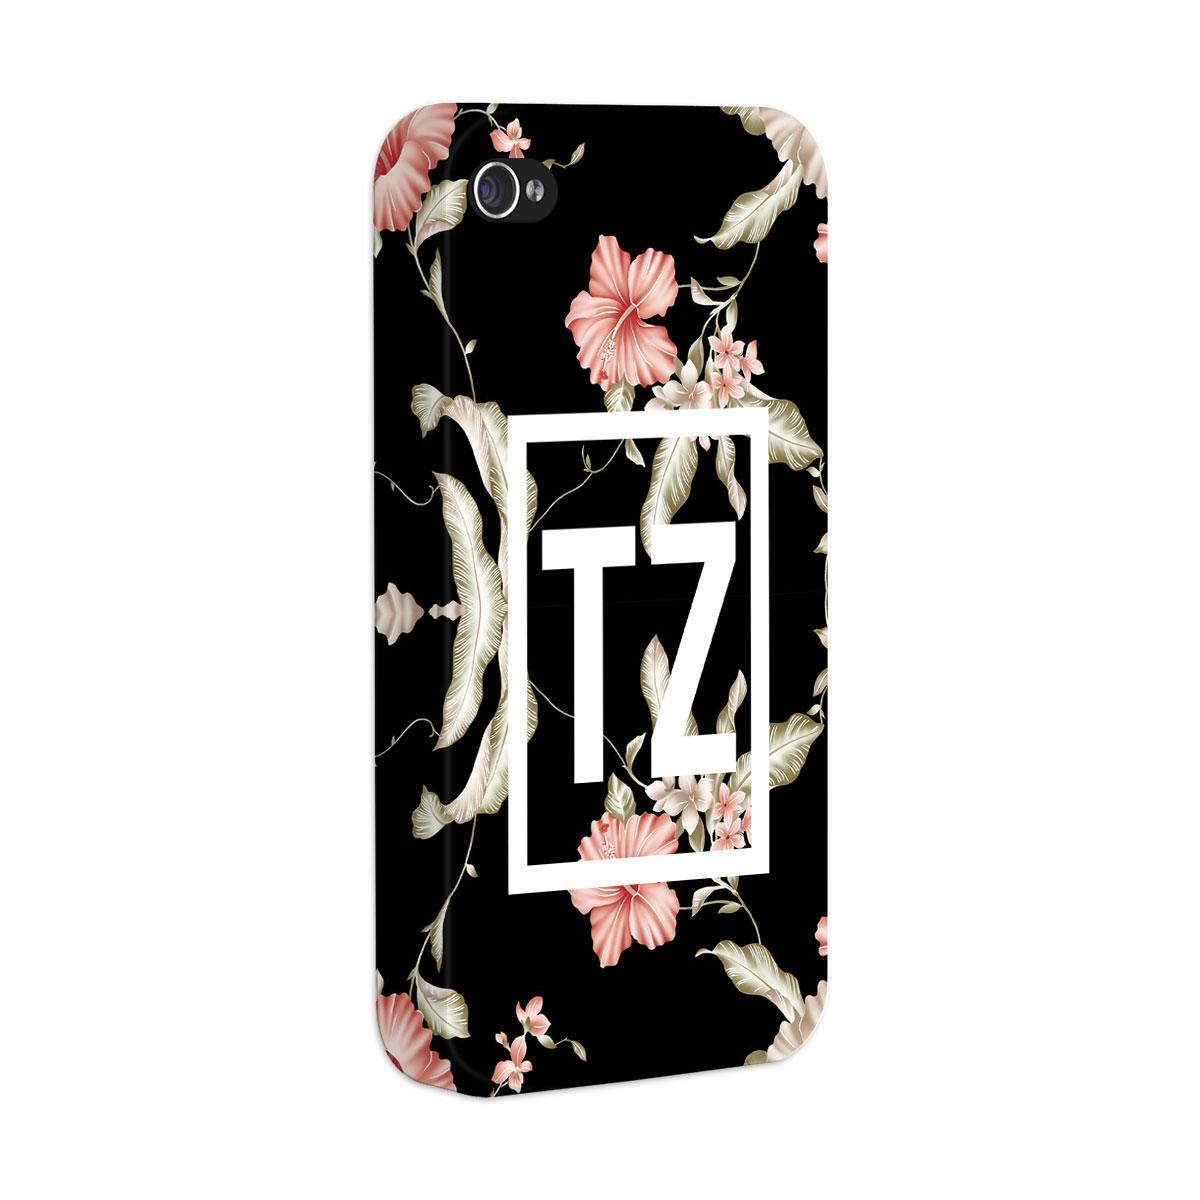 Capa para iPhone 4/4S MC Tati Zaqui Flowers